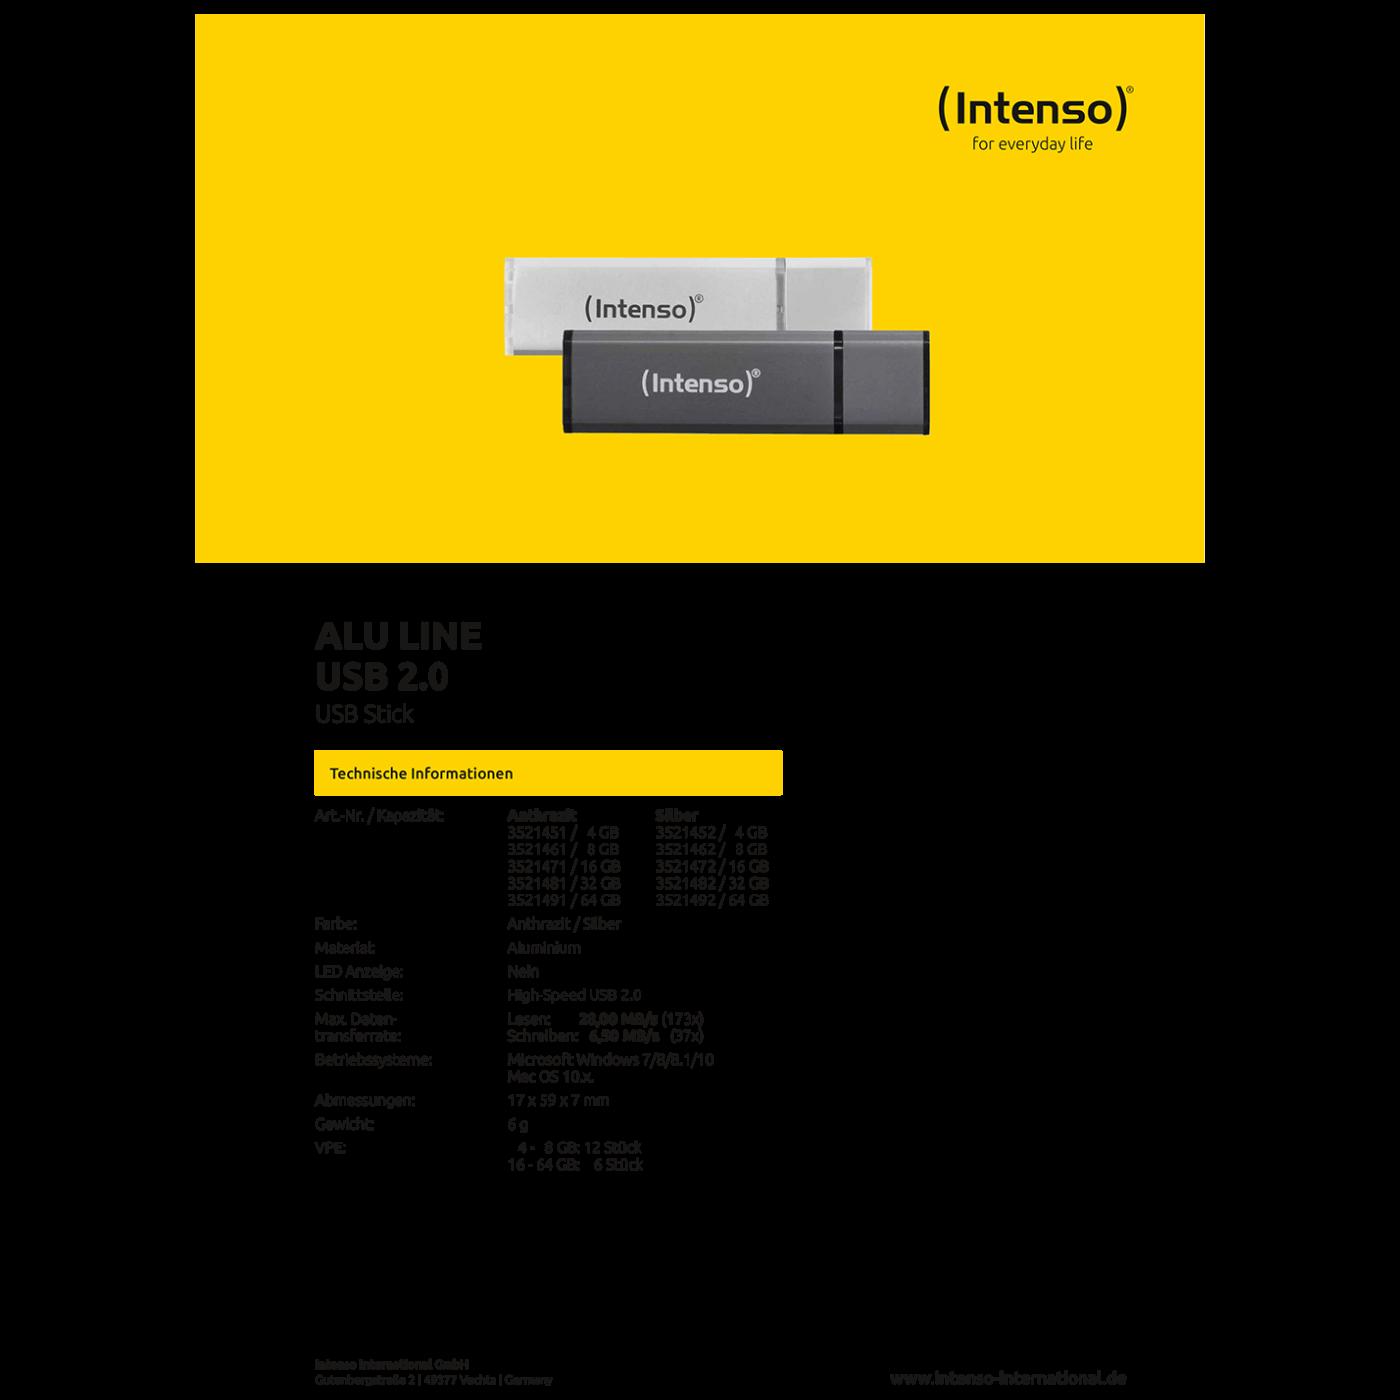 USB Flash drive 16GB Hi-Speed USB 2.0, ALU Line